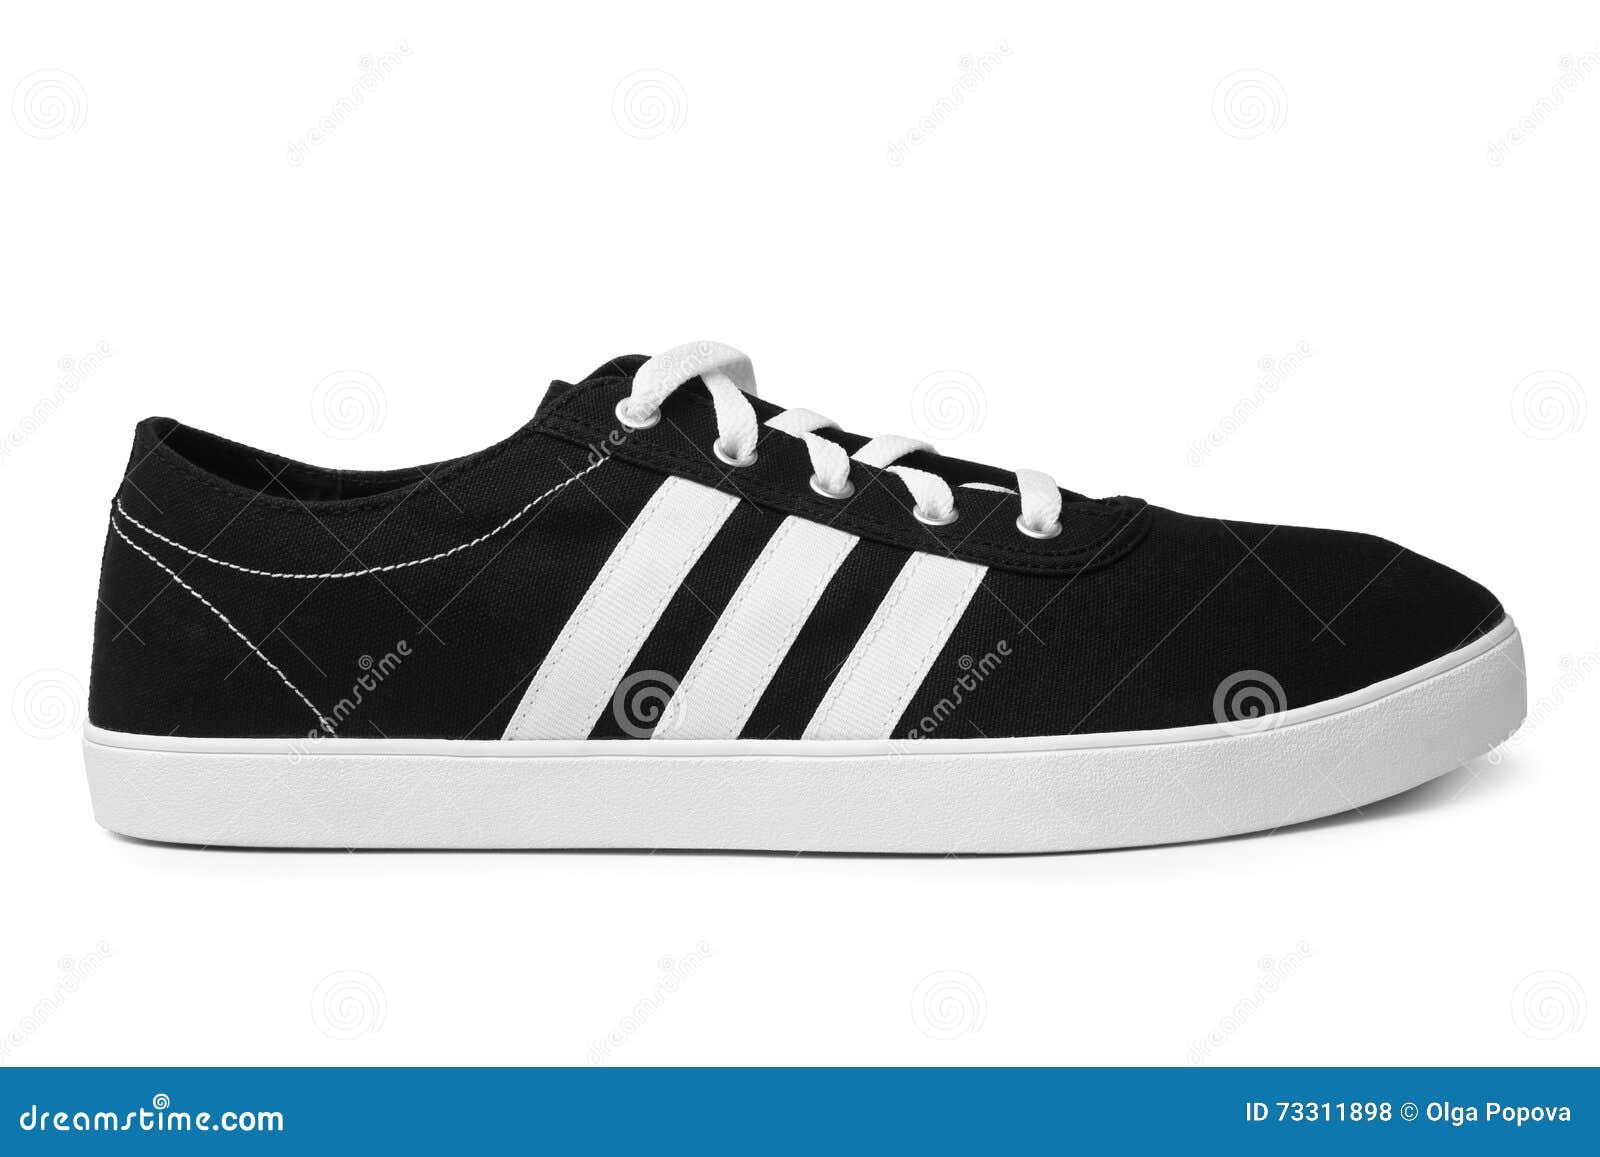 St PIETROBURGO, RUSSIA - 28 agosto 2014: ADIDAS mette in mostra la scarpa su fondo bianco